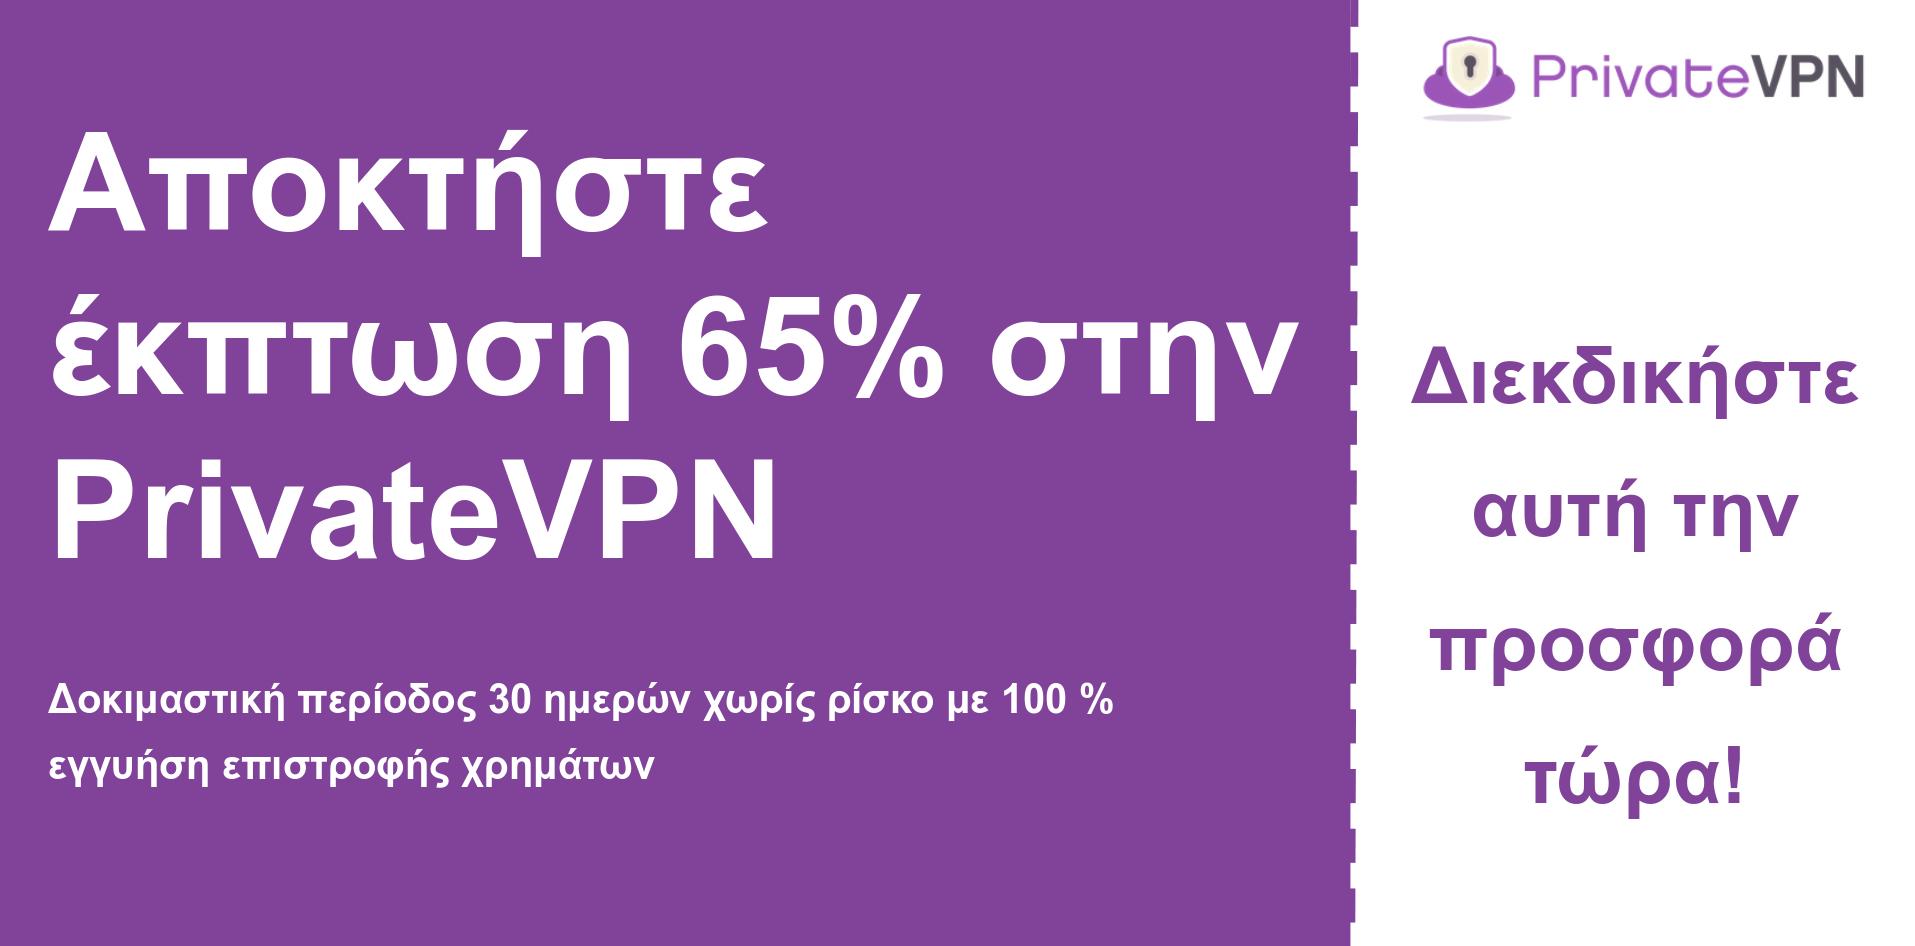 γραφικό του κύριου banner κουπονιών PrivateVPN που δείχνει έκπτωση 65%